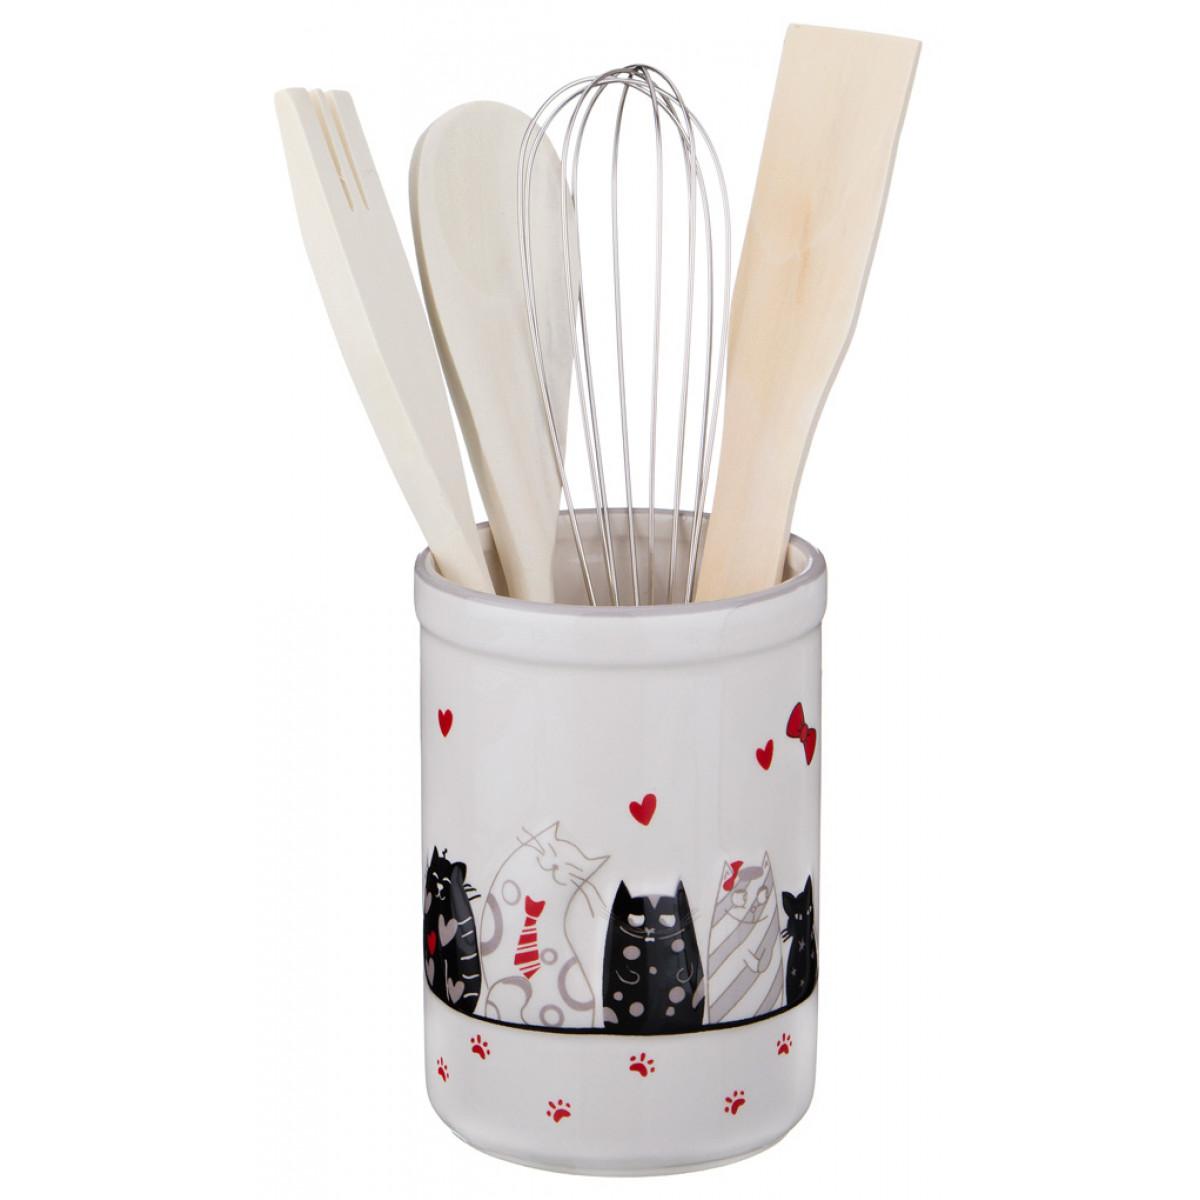 {} Lefard Подставка для кухни Valentine  (9х14 см) подставка terracotta дерево жизни д кухонных инструм керамика